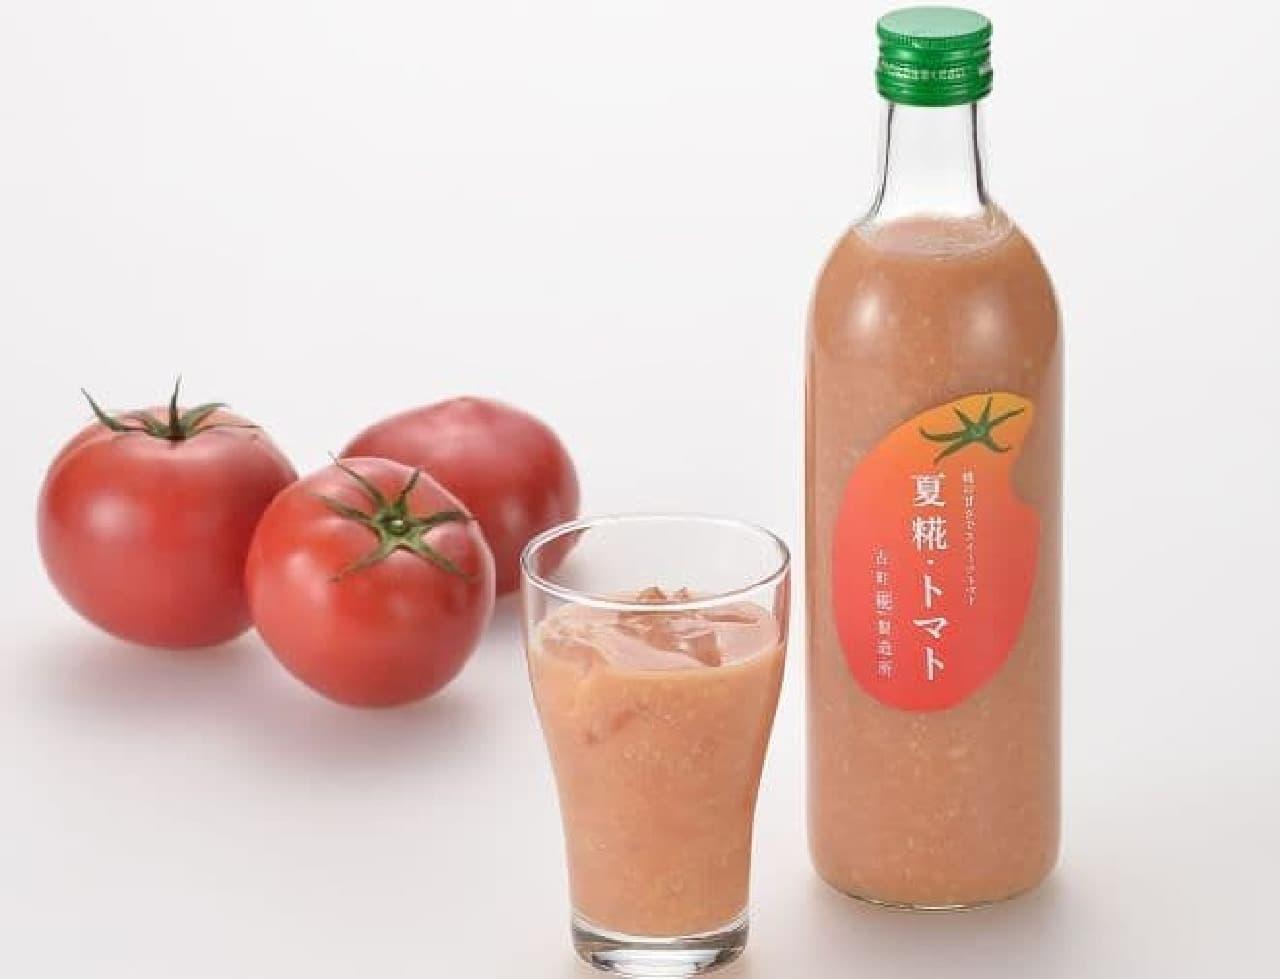 古町糀製造所「夏糀・トマト」